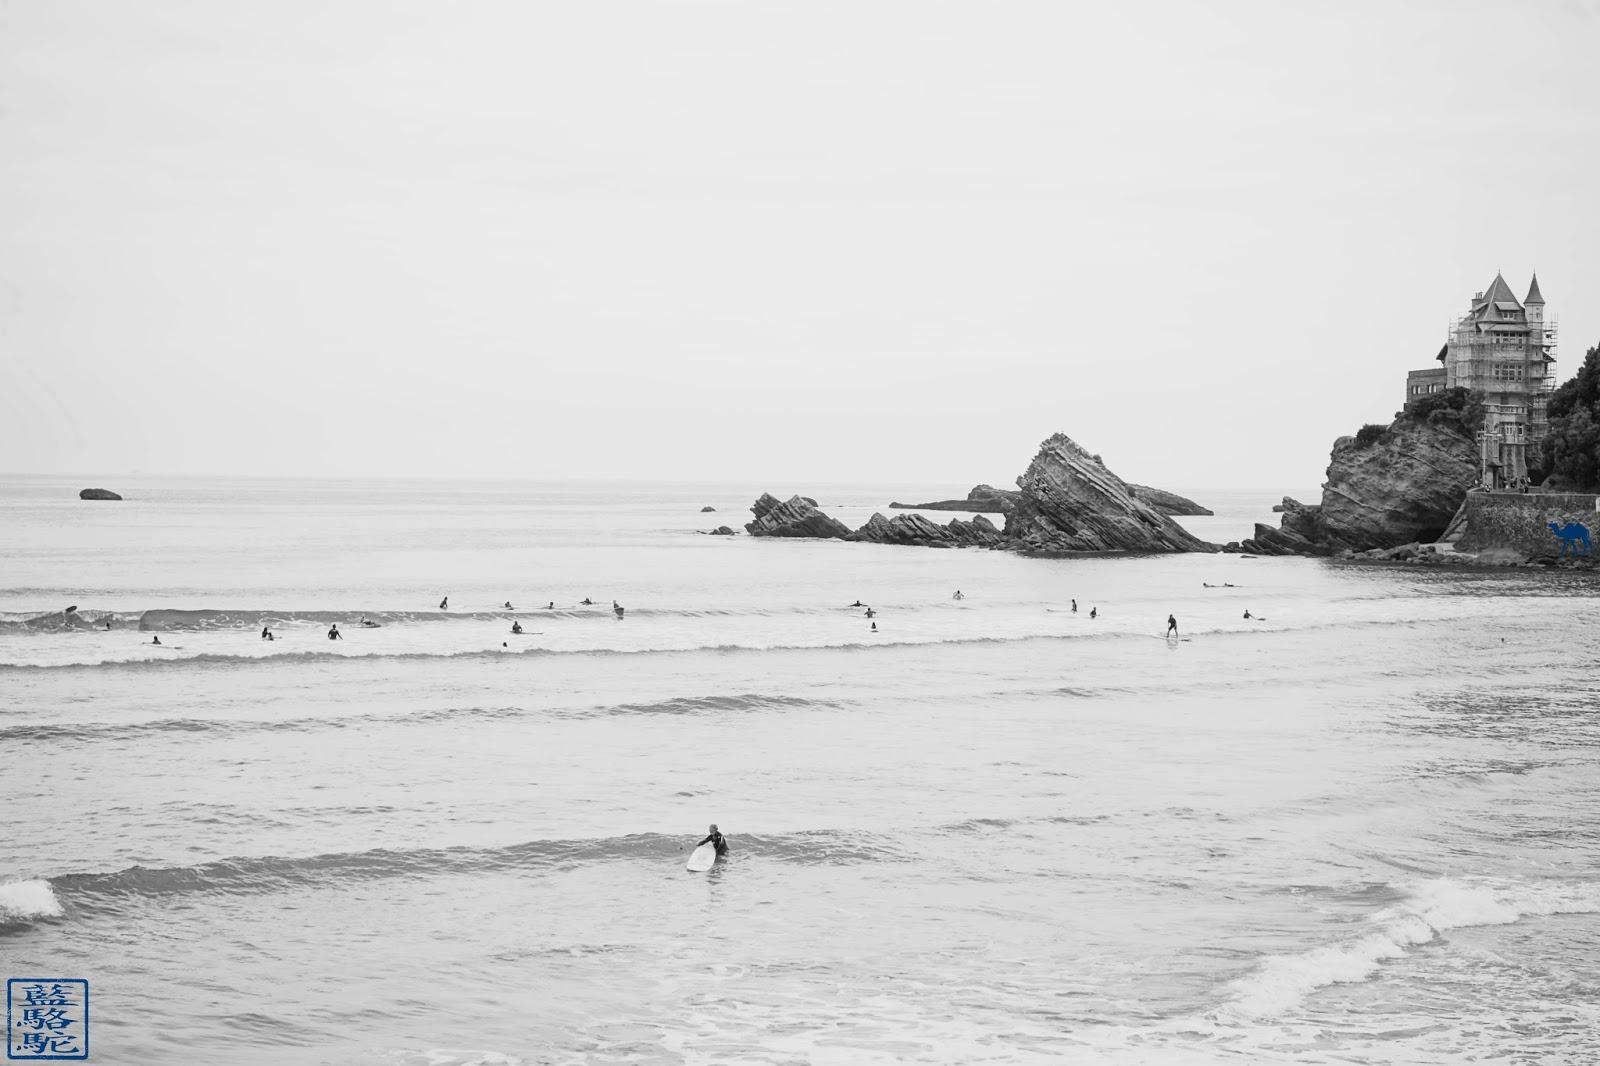 Le Chameau Bleu - Plage de la cote des basques - Biarritz BAB